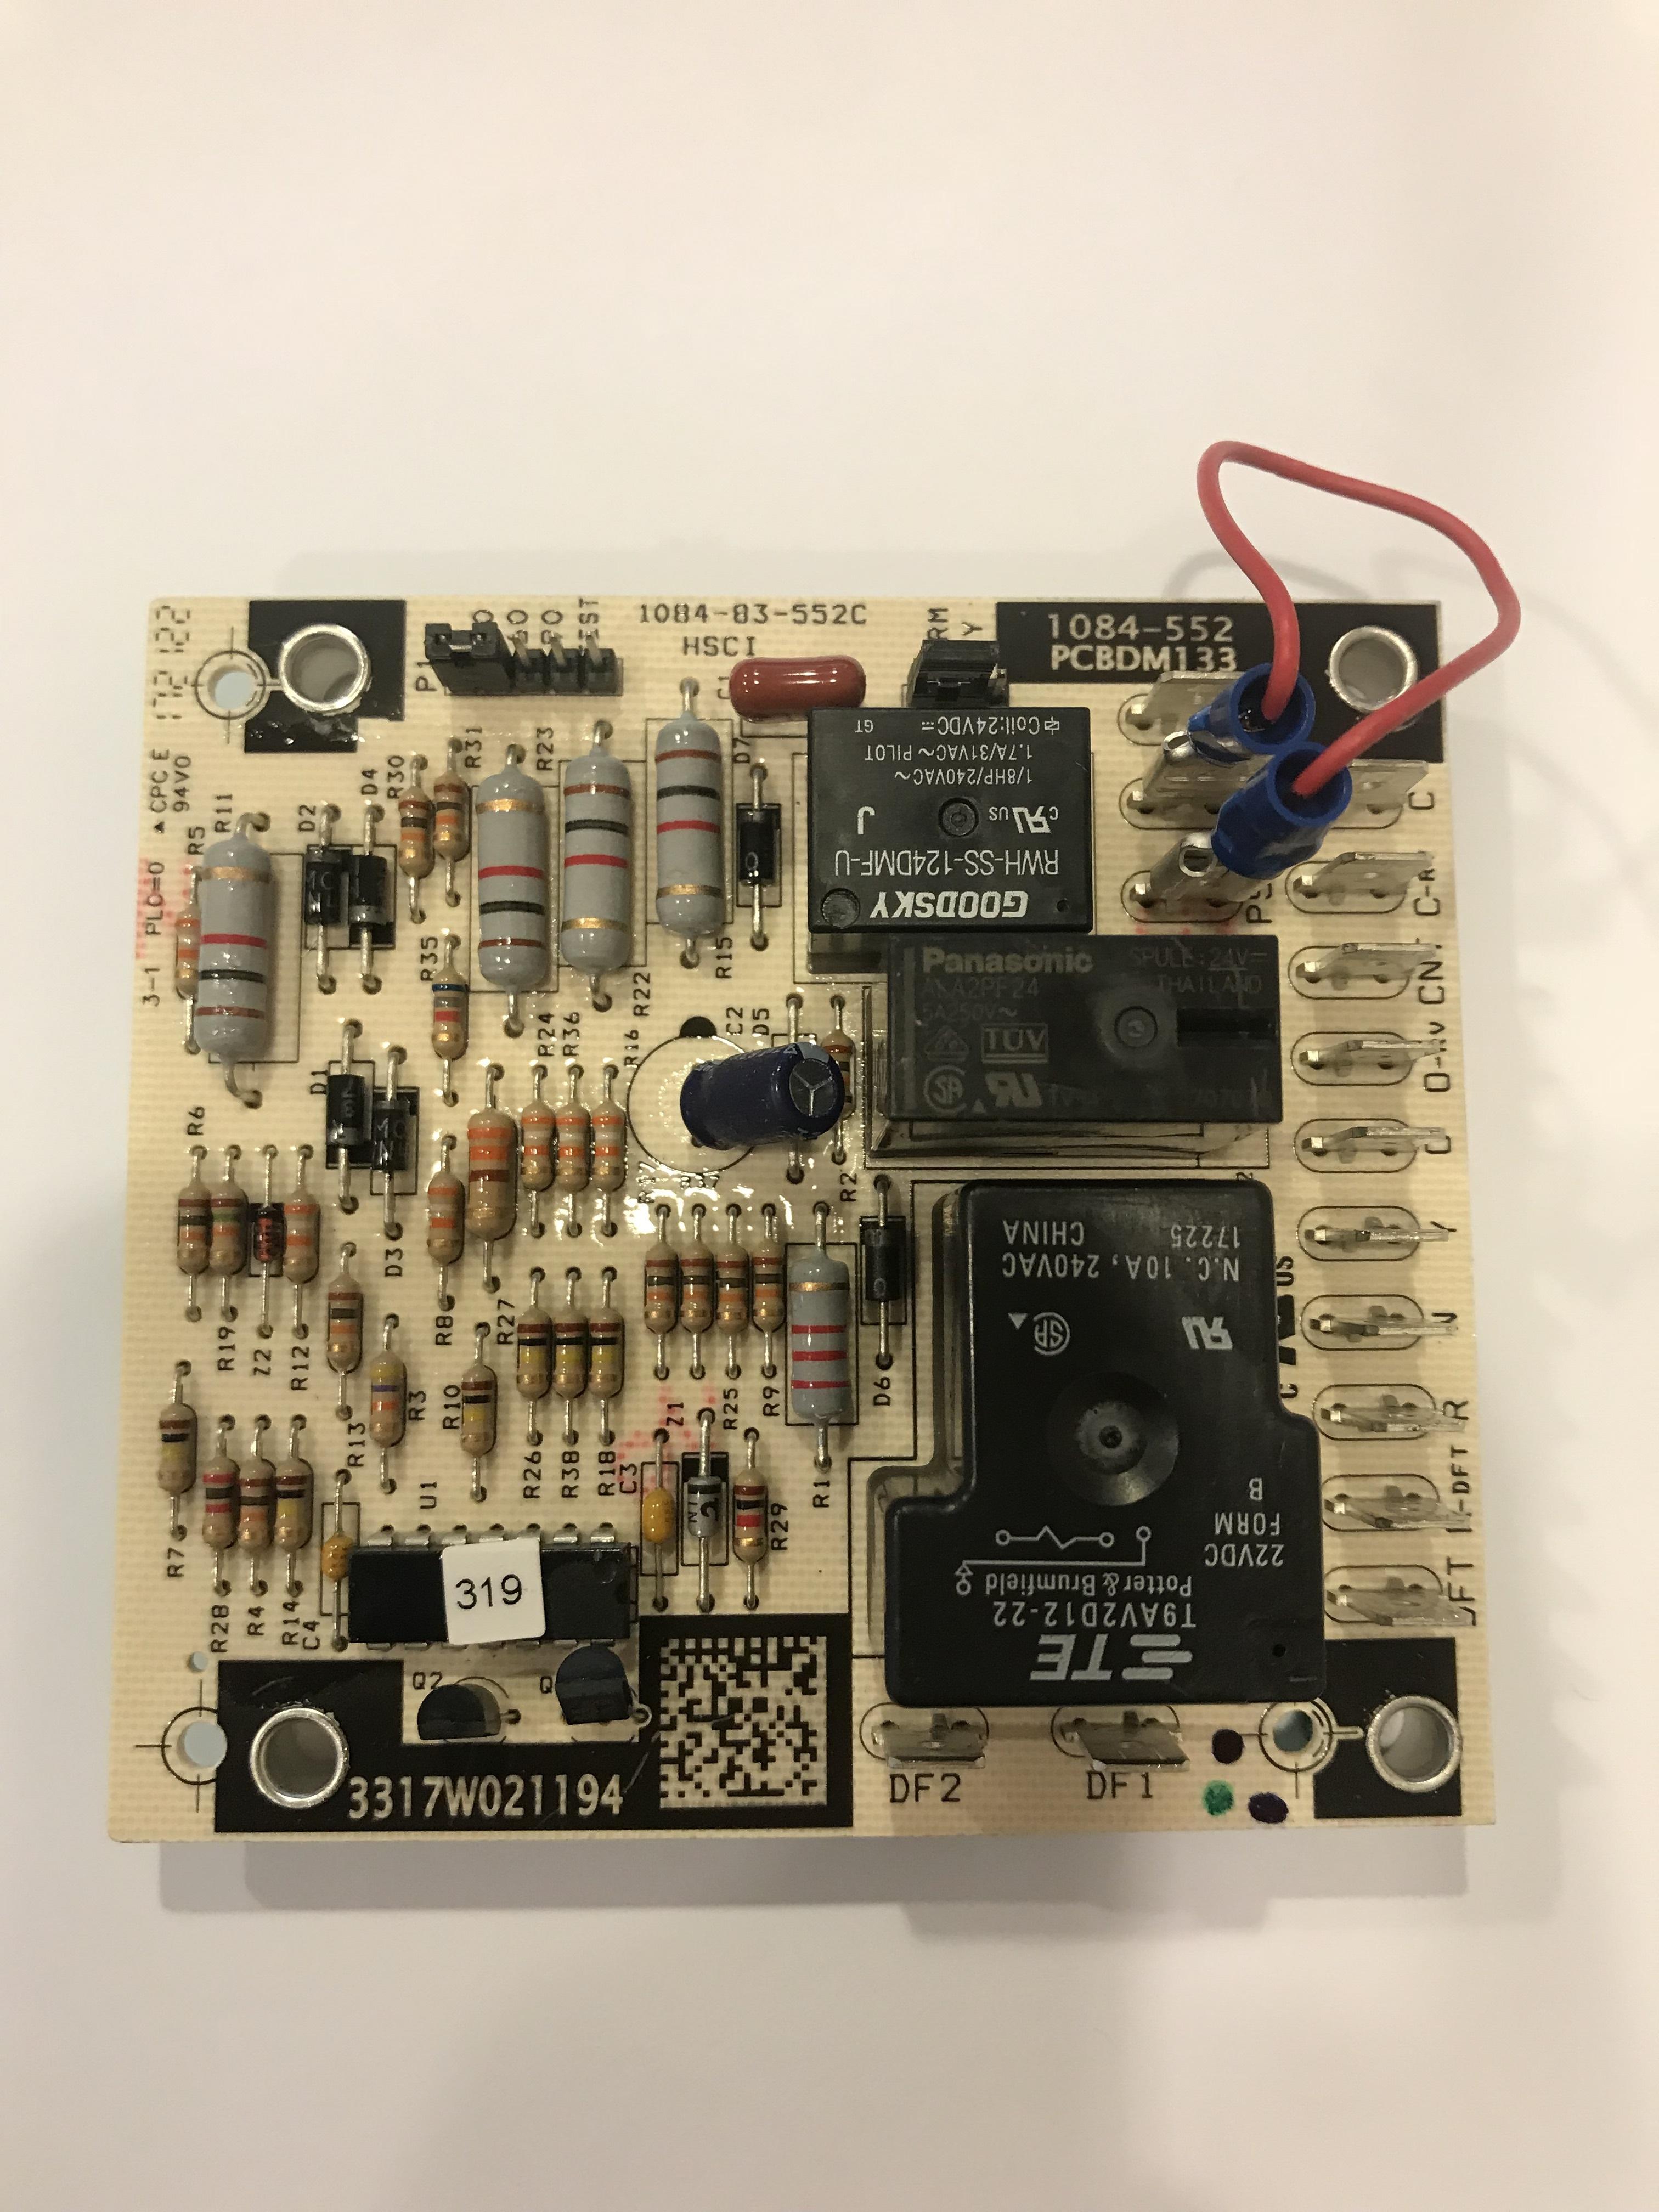 Goodman  Daikin  Amana Control Board Pcbdm133s